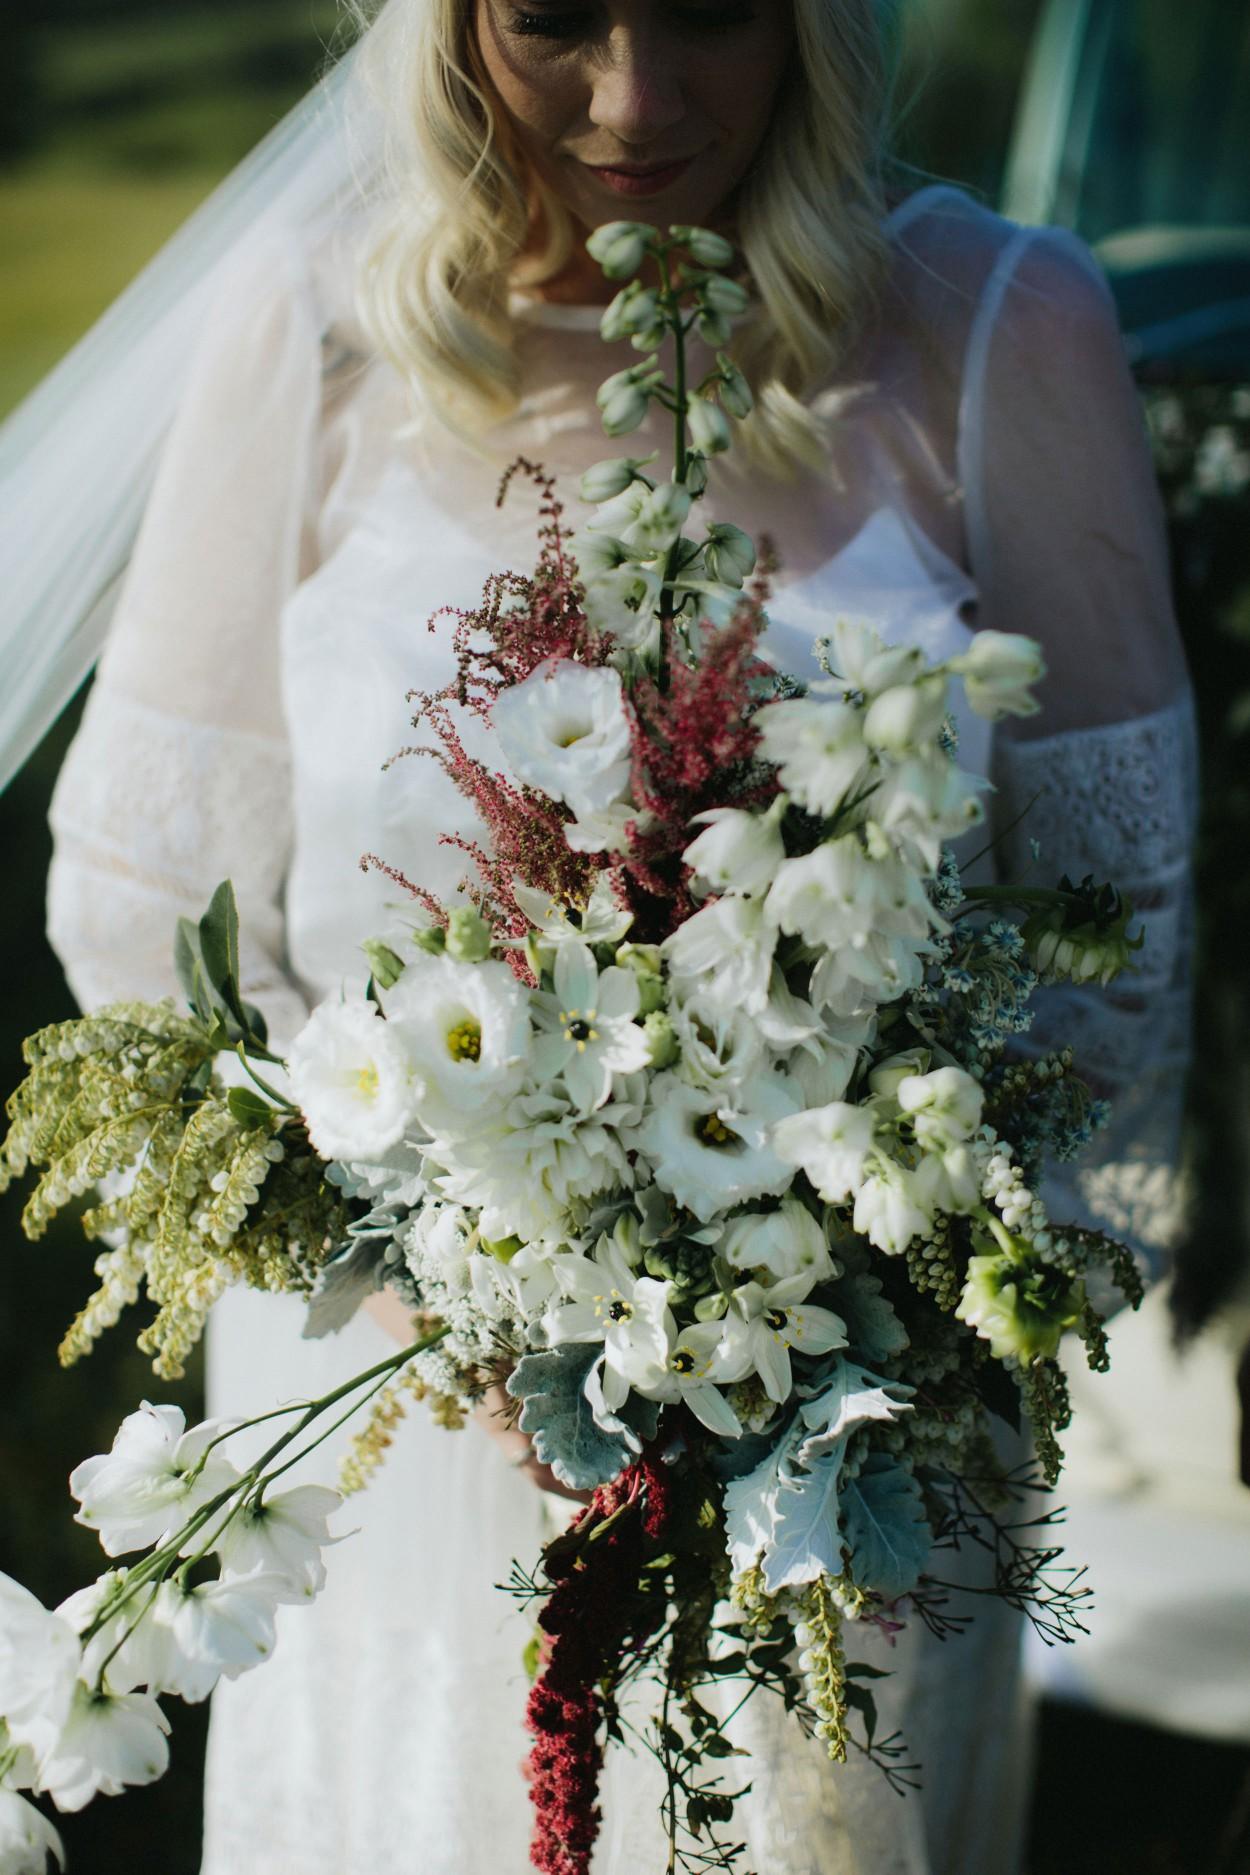 I-Got-You-Babe-Weddings-Farm-Wedding-Emma-Tim178.jpg